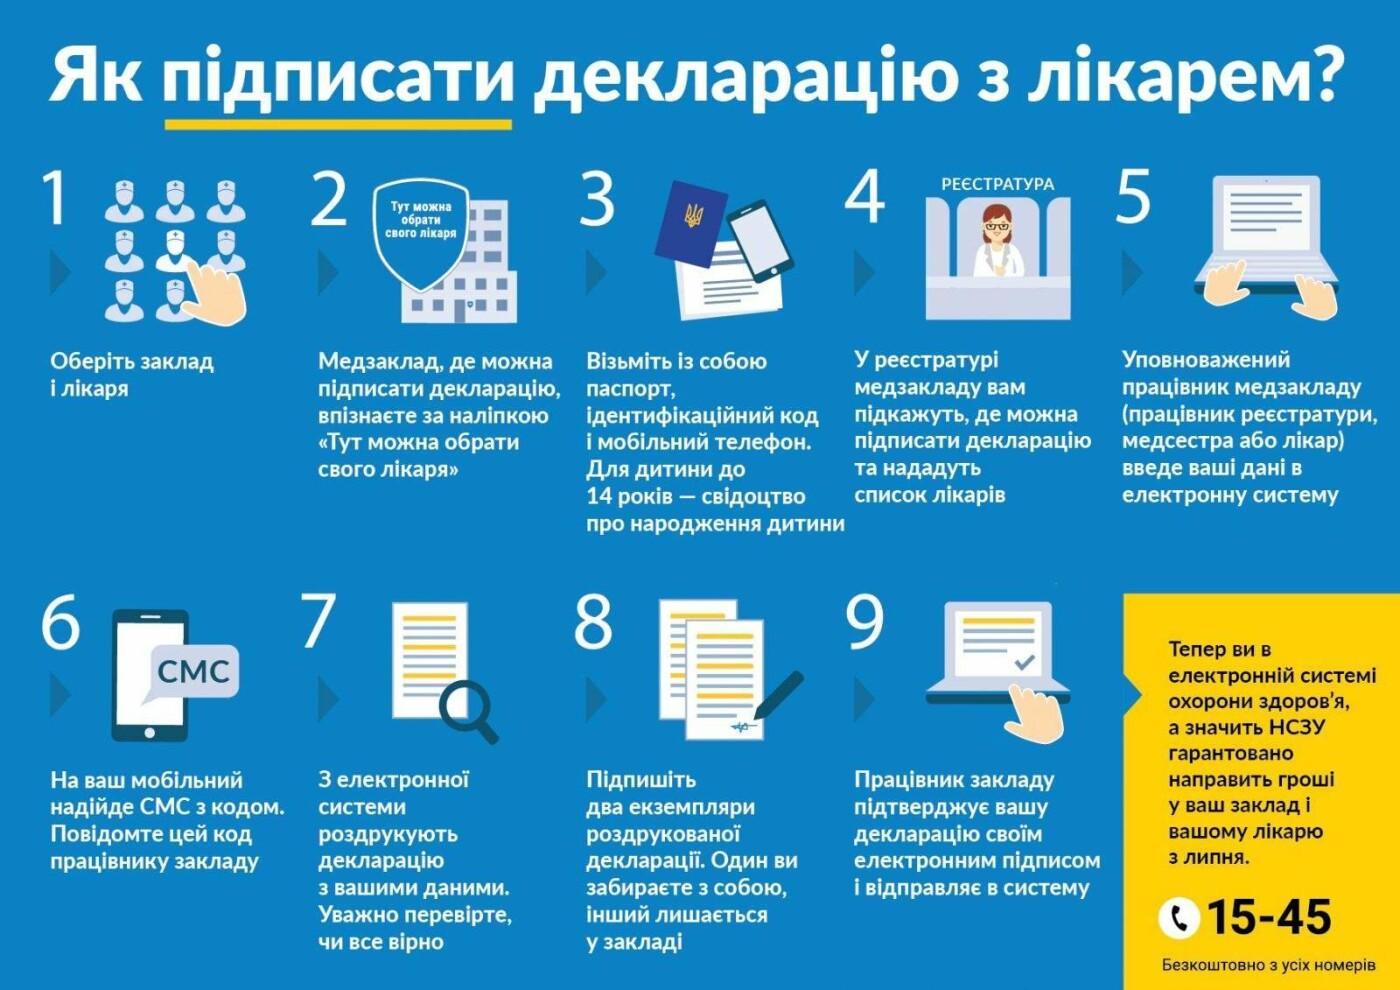 Без шуток: Какие изменения ждут украинцев с 1 апреля, фото-1